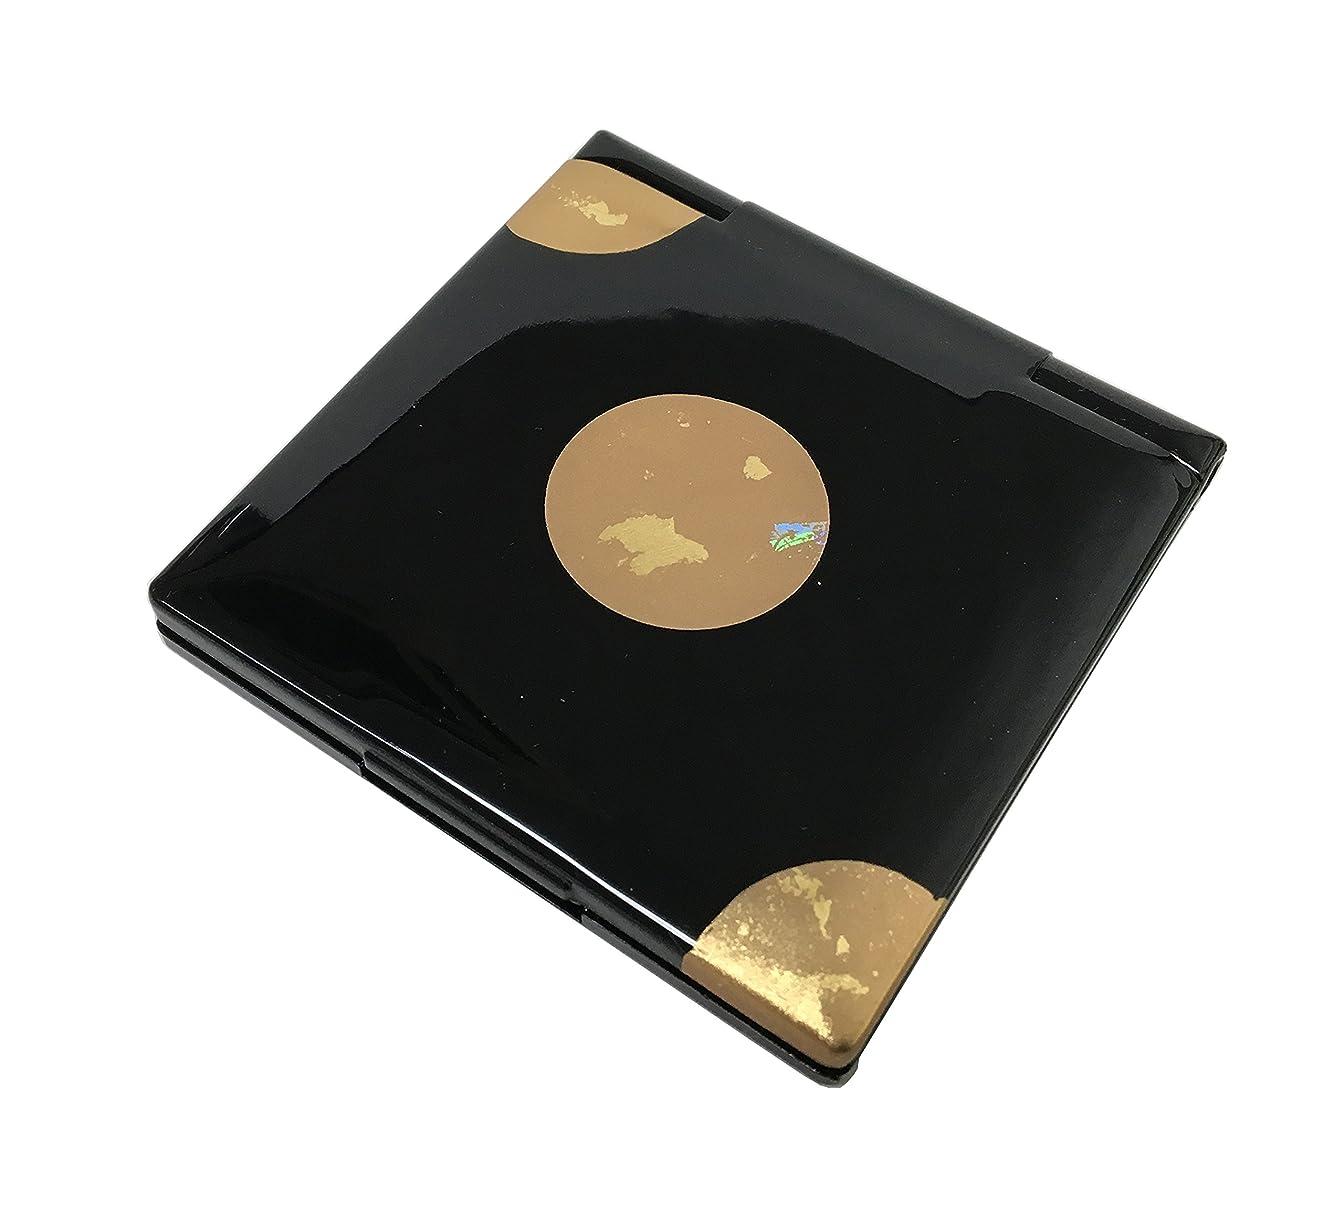 無力アークリビジョン中谷兄弟商会 山中漆器 コンパクトミラー 純金箔工芸 黒 星夜33-0403